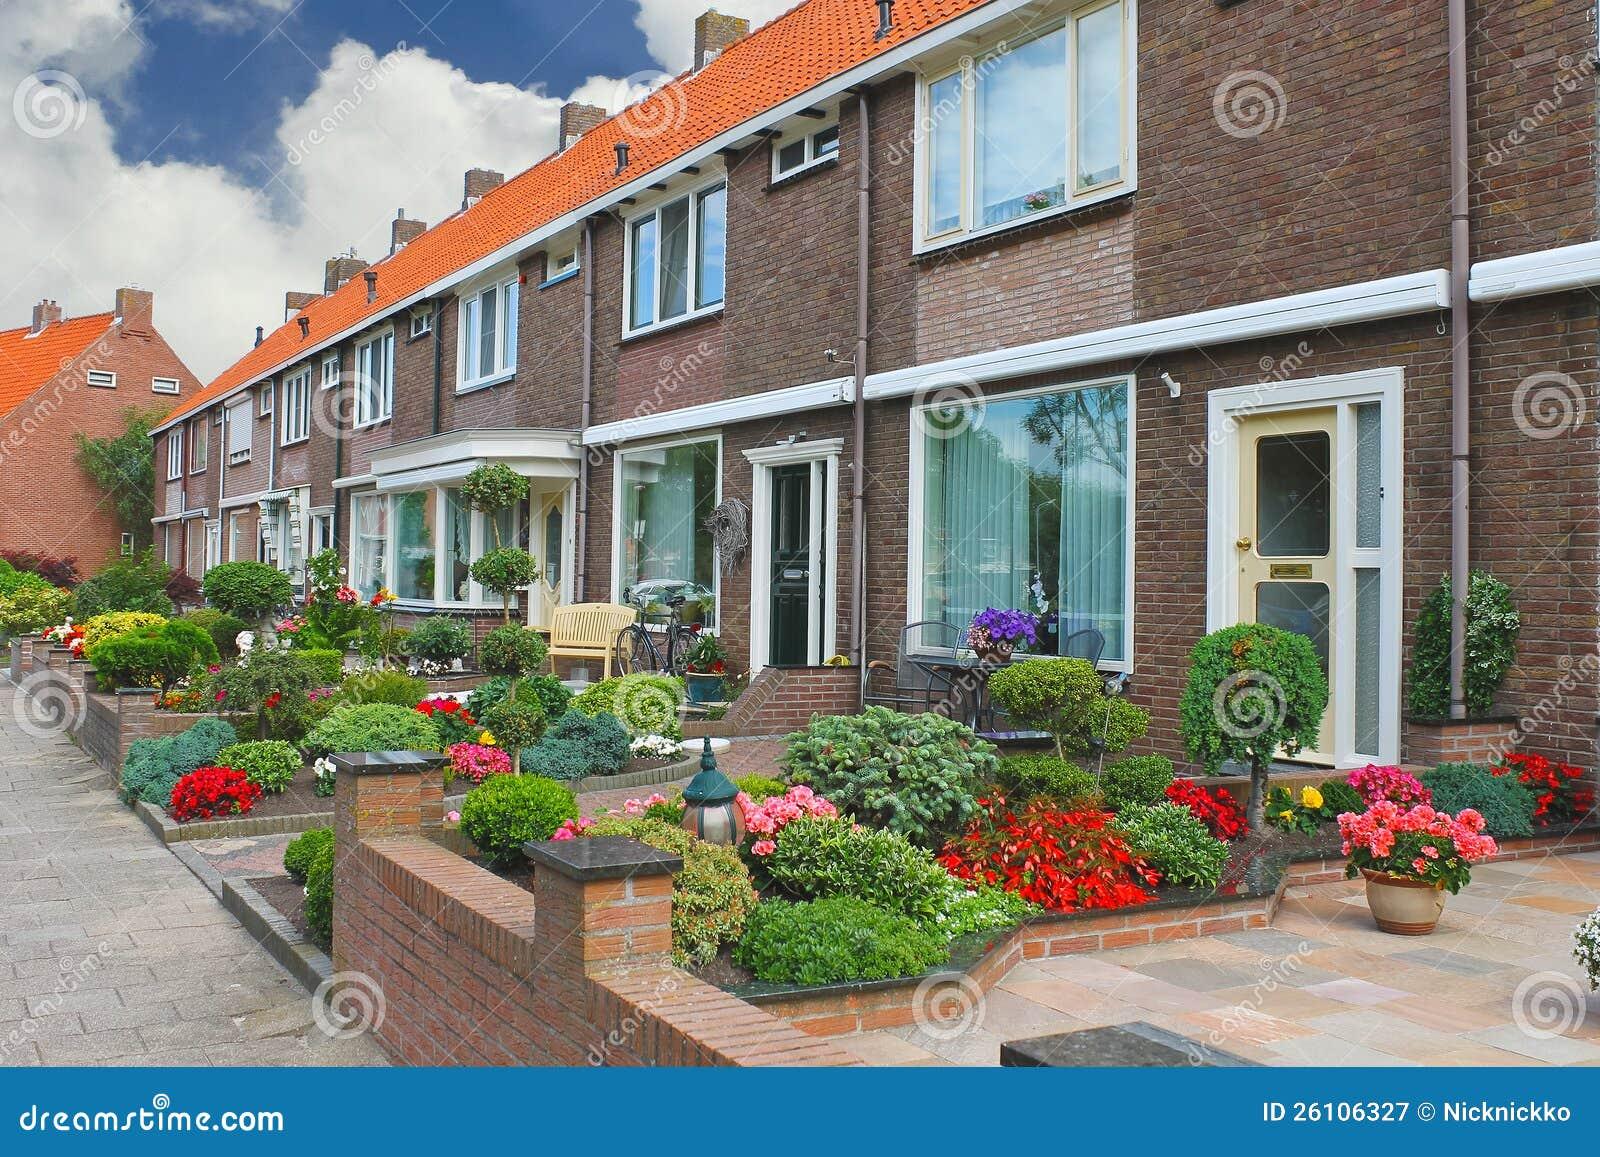 Petit jardin devant la maison hollandaise photographie stock libre de droits image 26106327 - Petit jardin maison ...